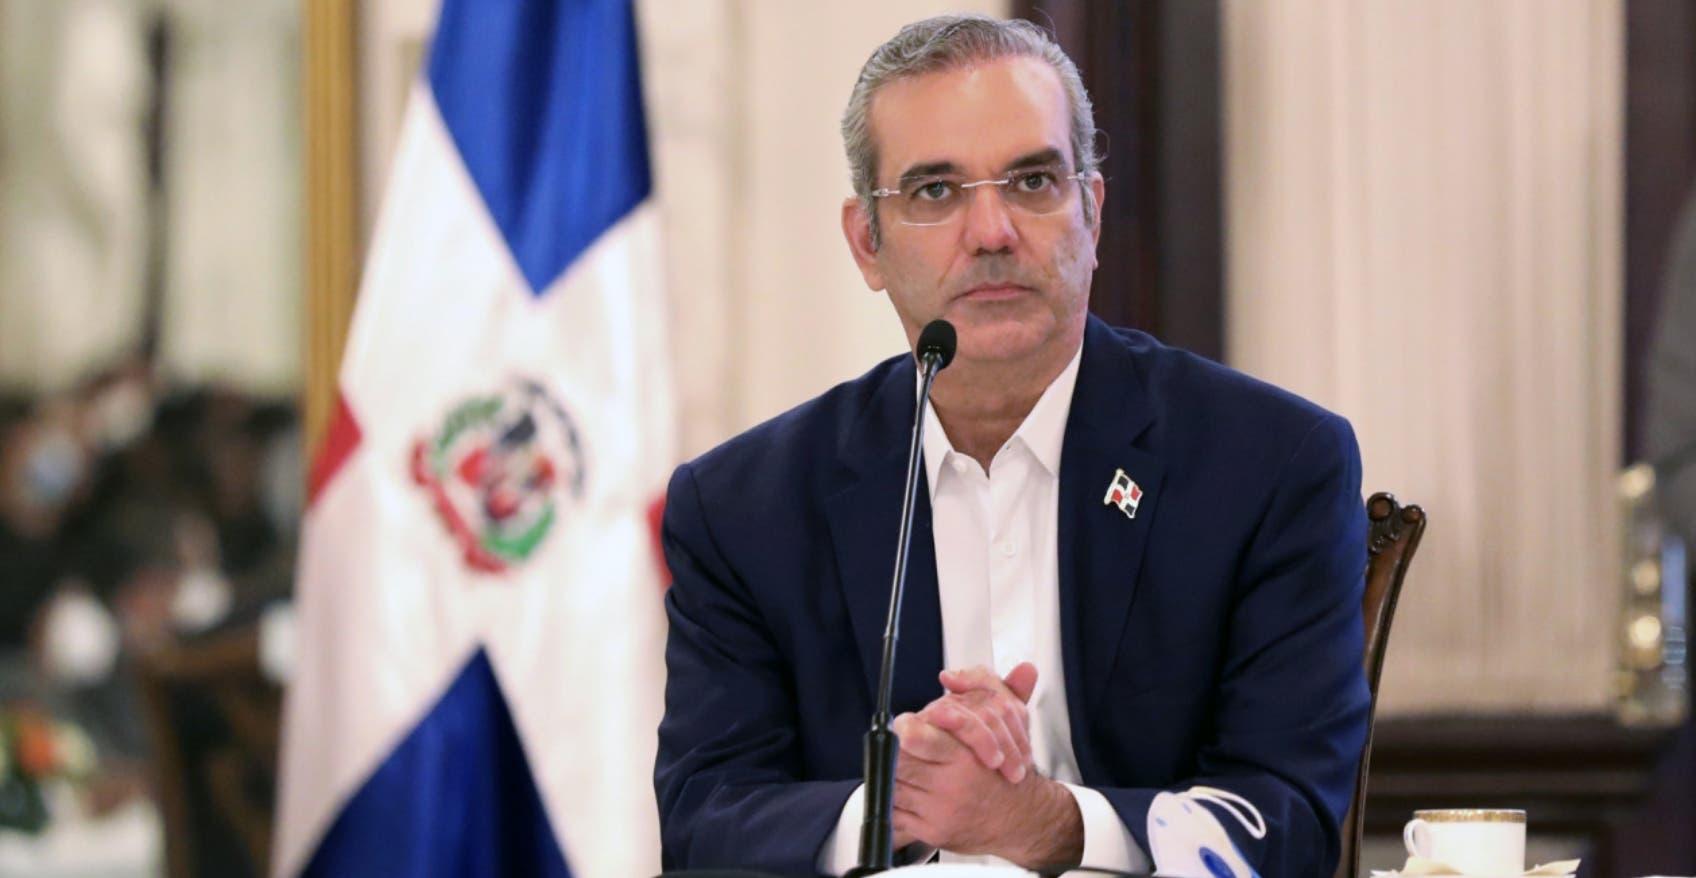 Abinader restringe vía decreto el gasto superfluo del gobierno central